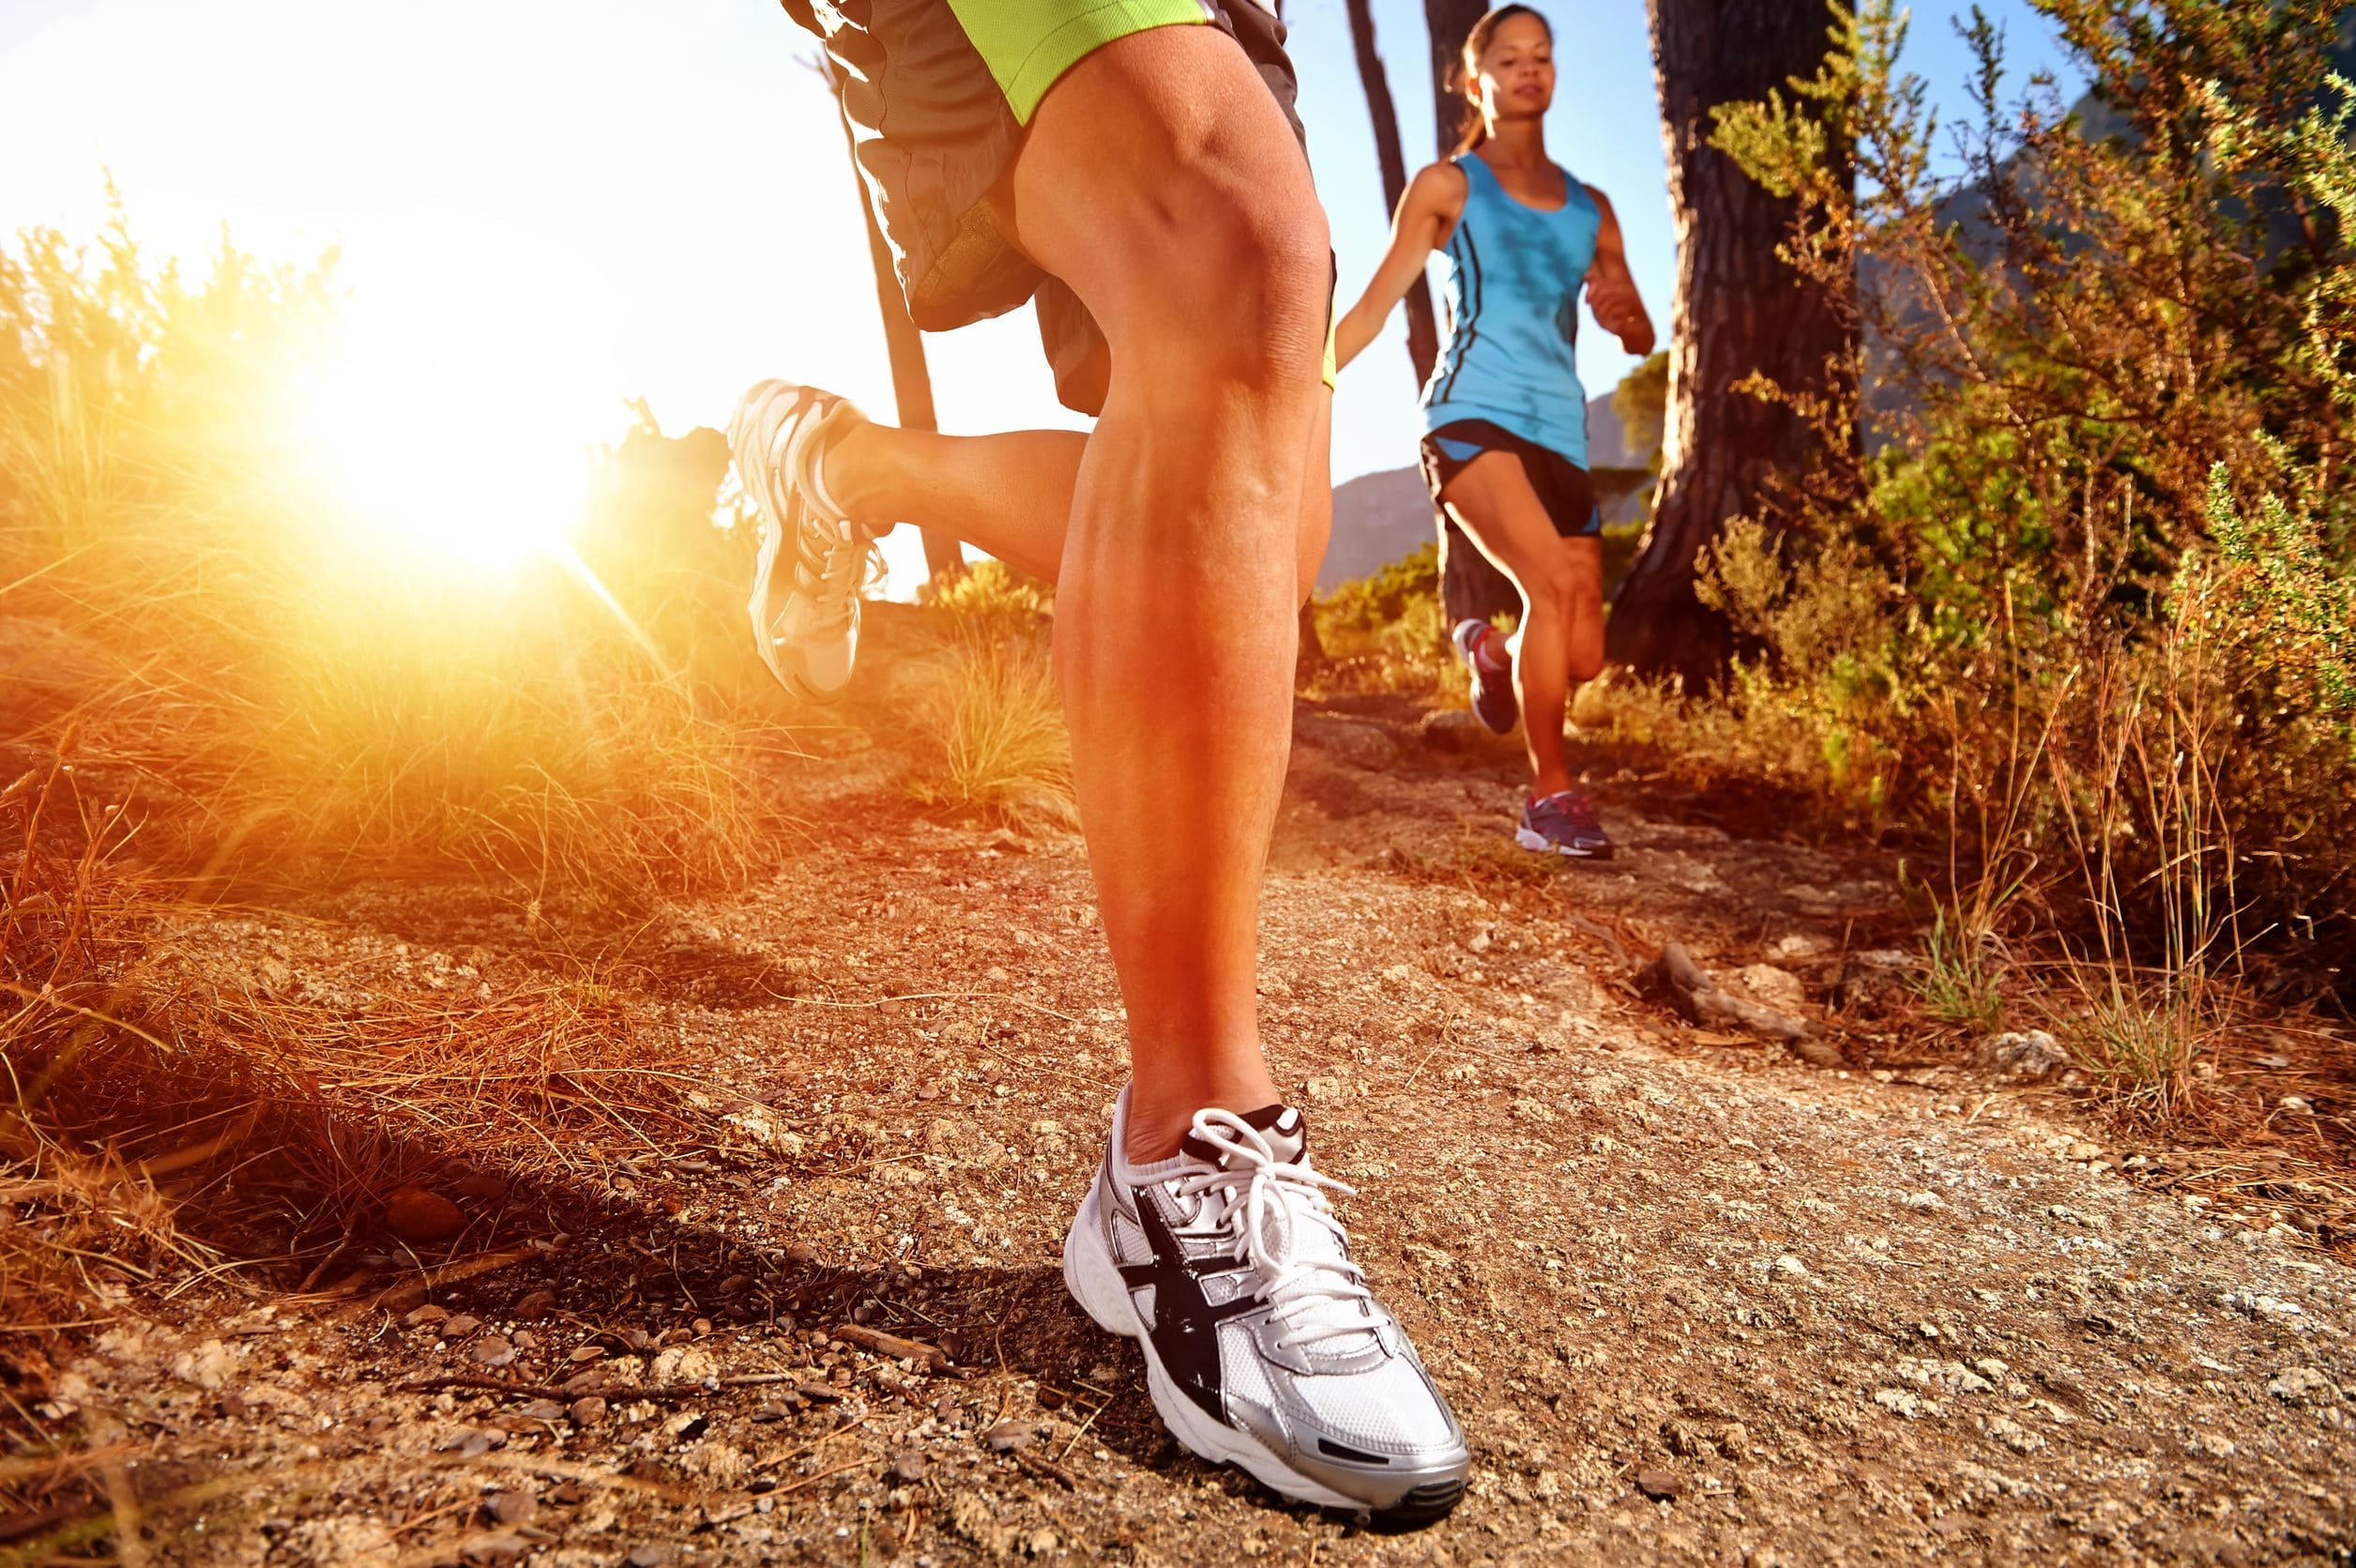 läufer laufen in der Natur und haben rückenschmerzen nach dem Sport